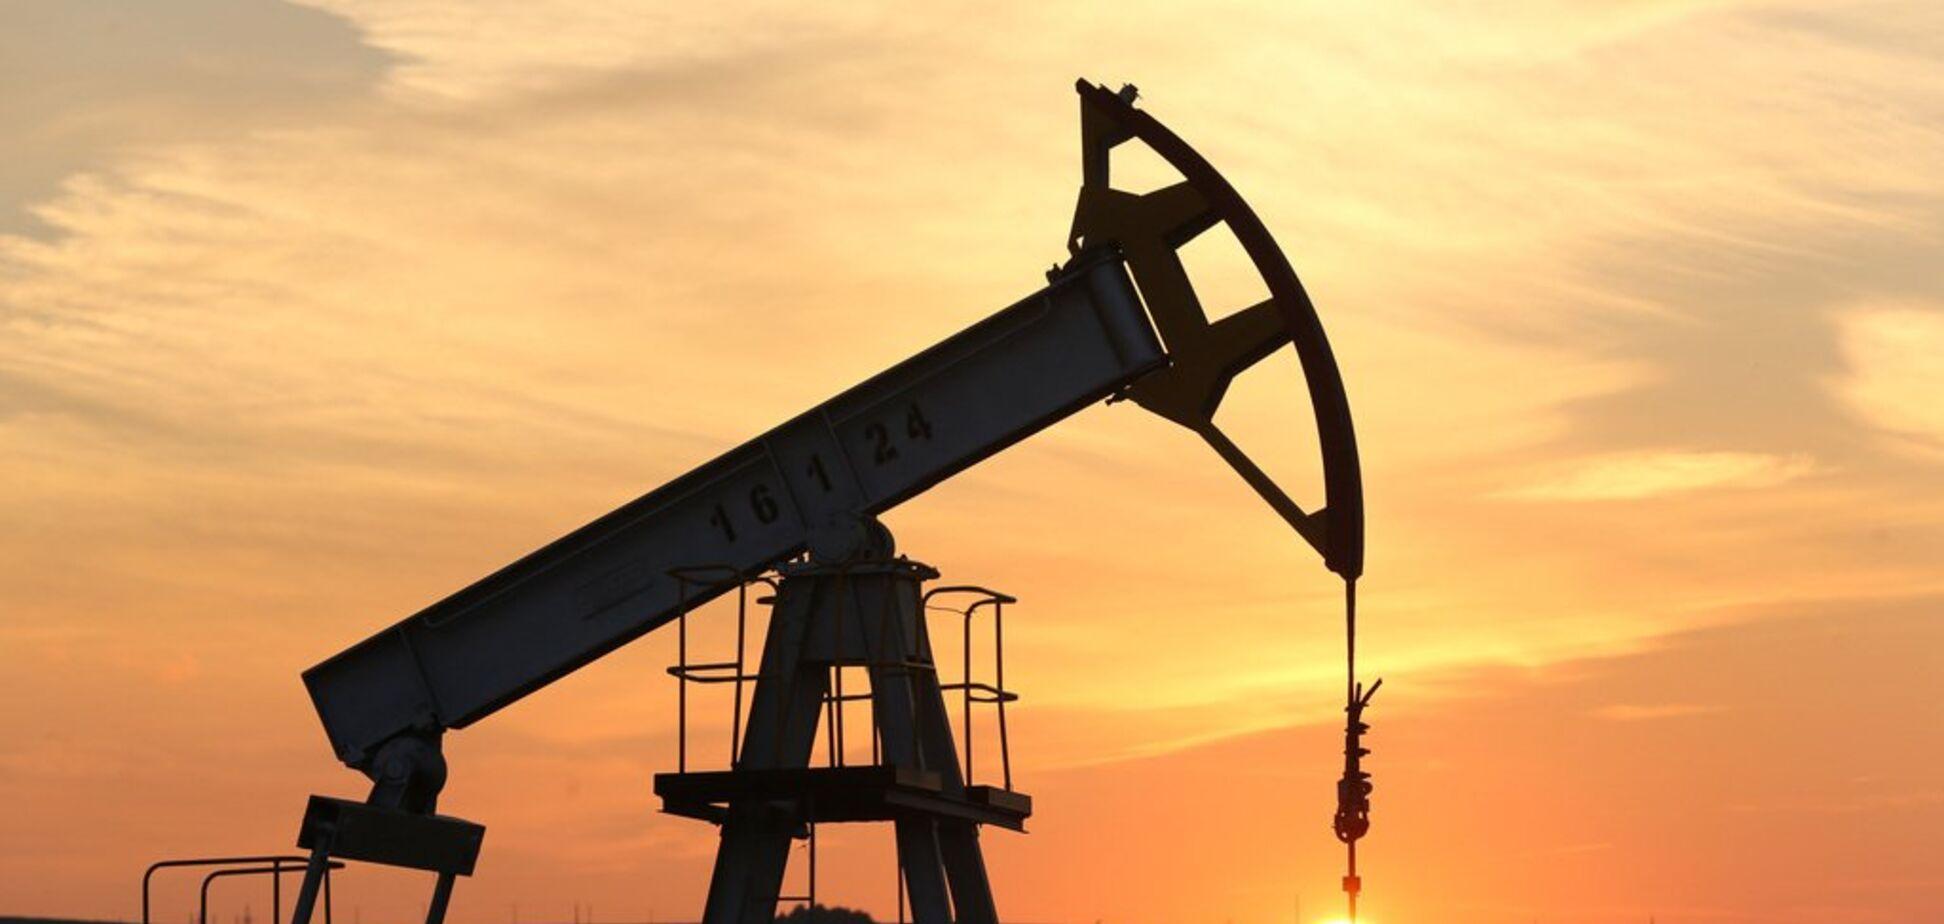 Ціни на нафту виросли максимальними темпами за рік